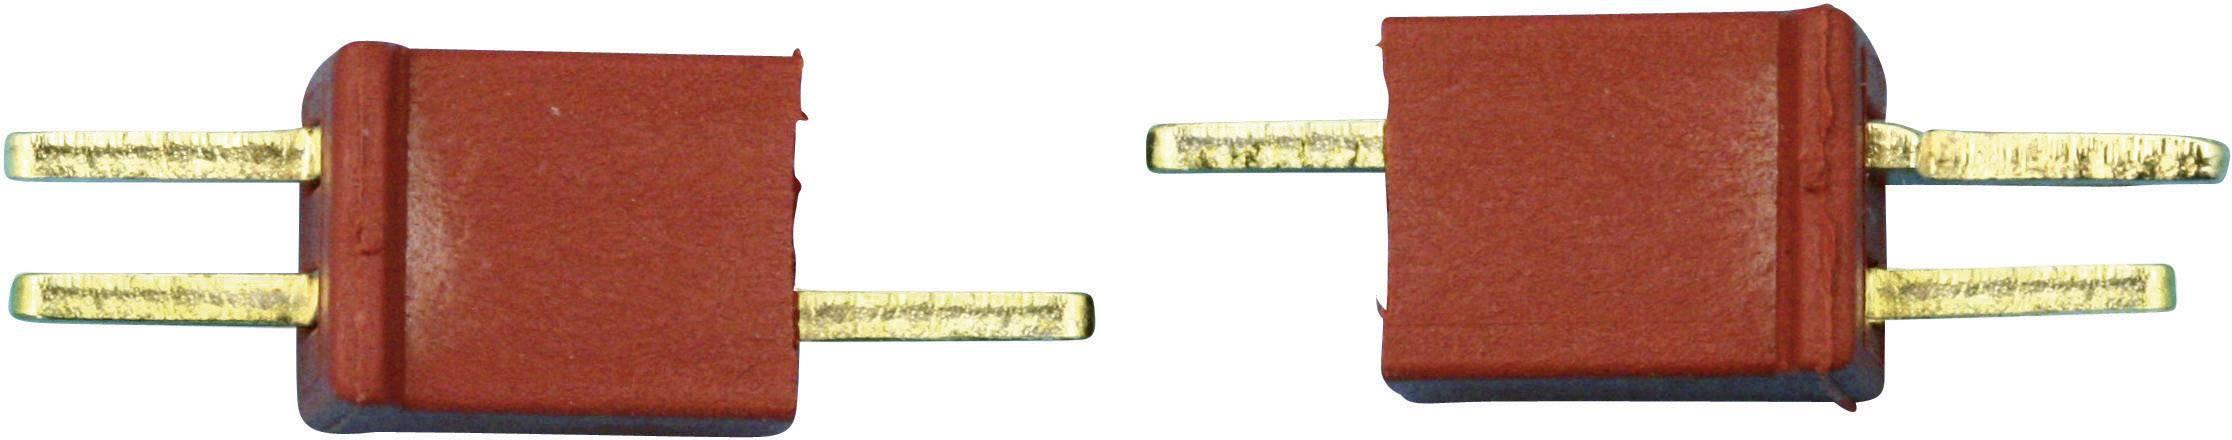 Zásuvkový konektor k prepojeniu akumulátora a regulátora RC modelu, zástrčkový konektor k prepojeniu akumulátora a regulátora RC modelu Modelcraft 71307, 1 pár